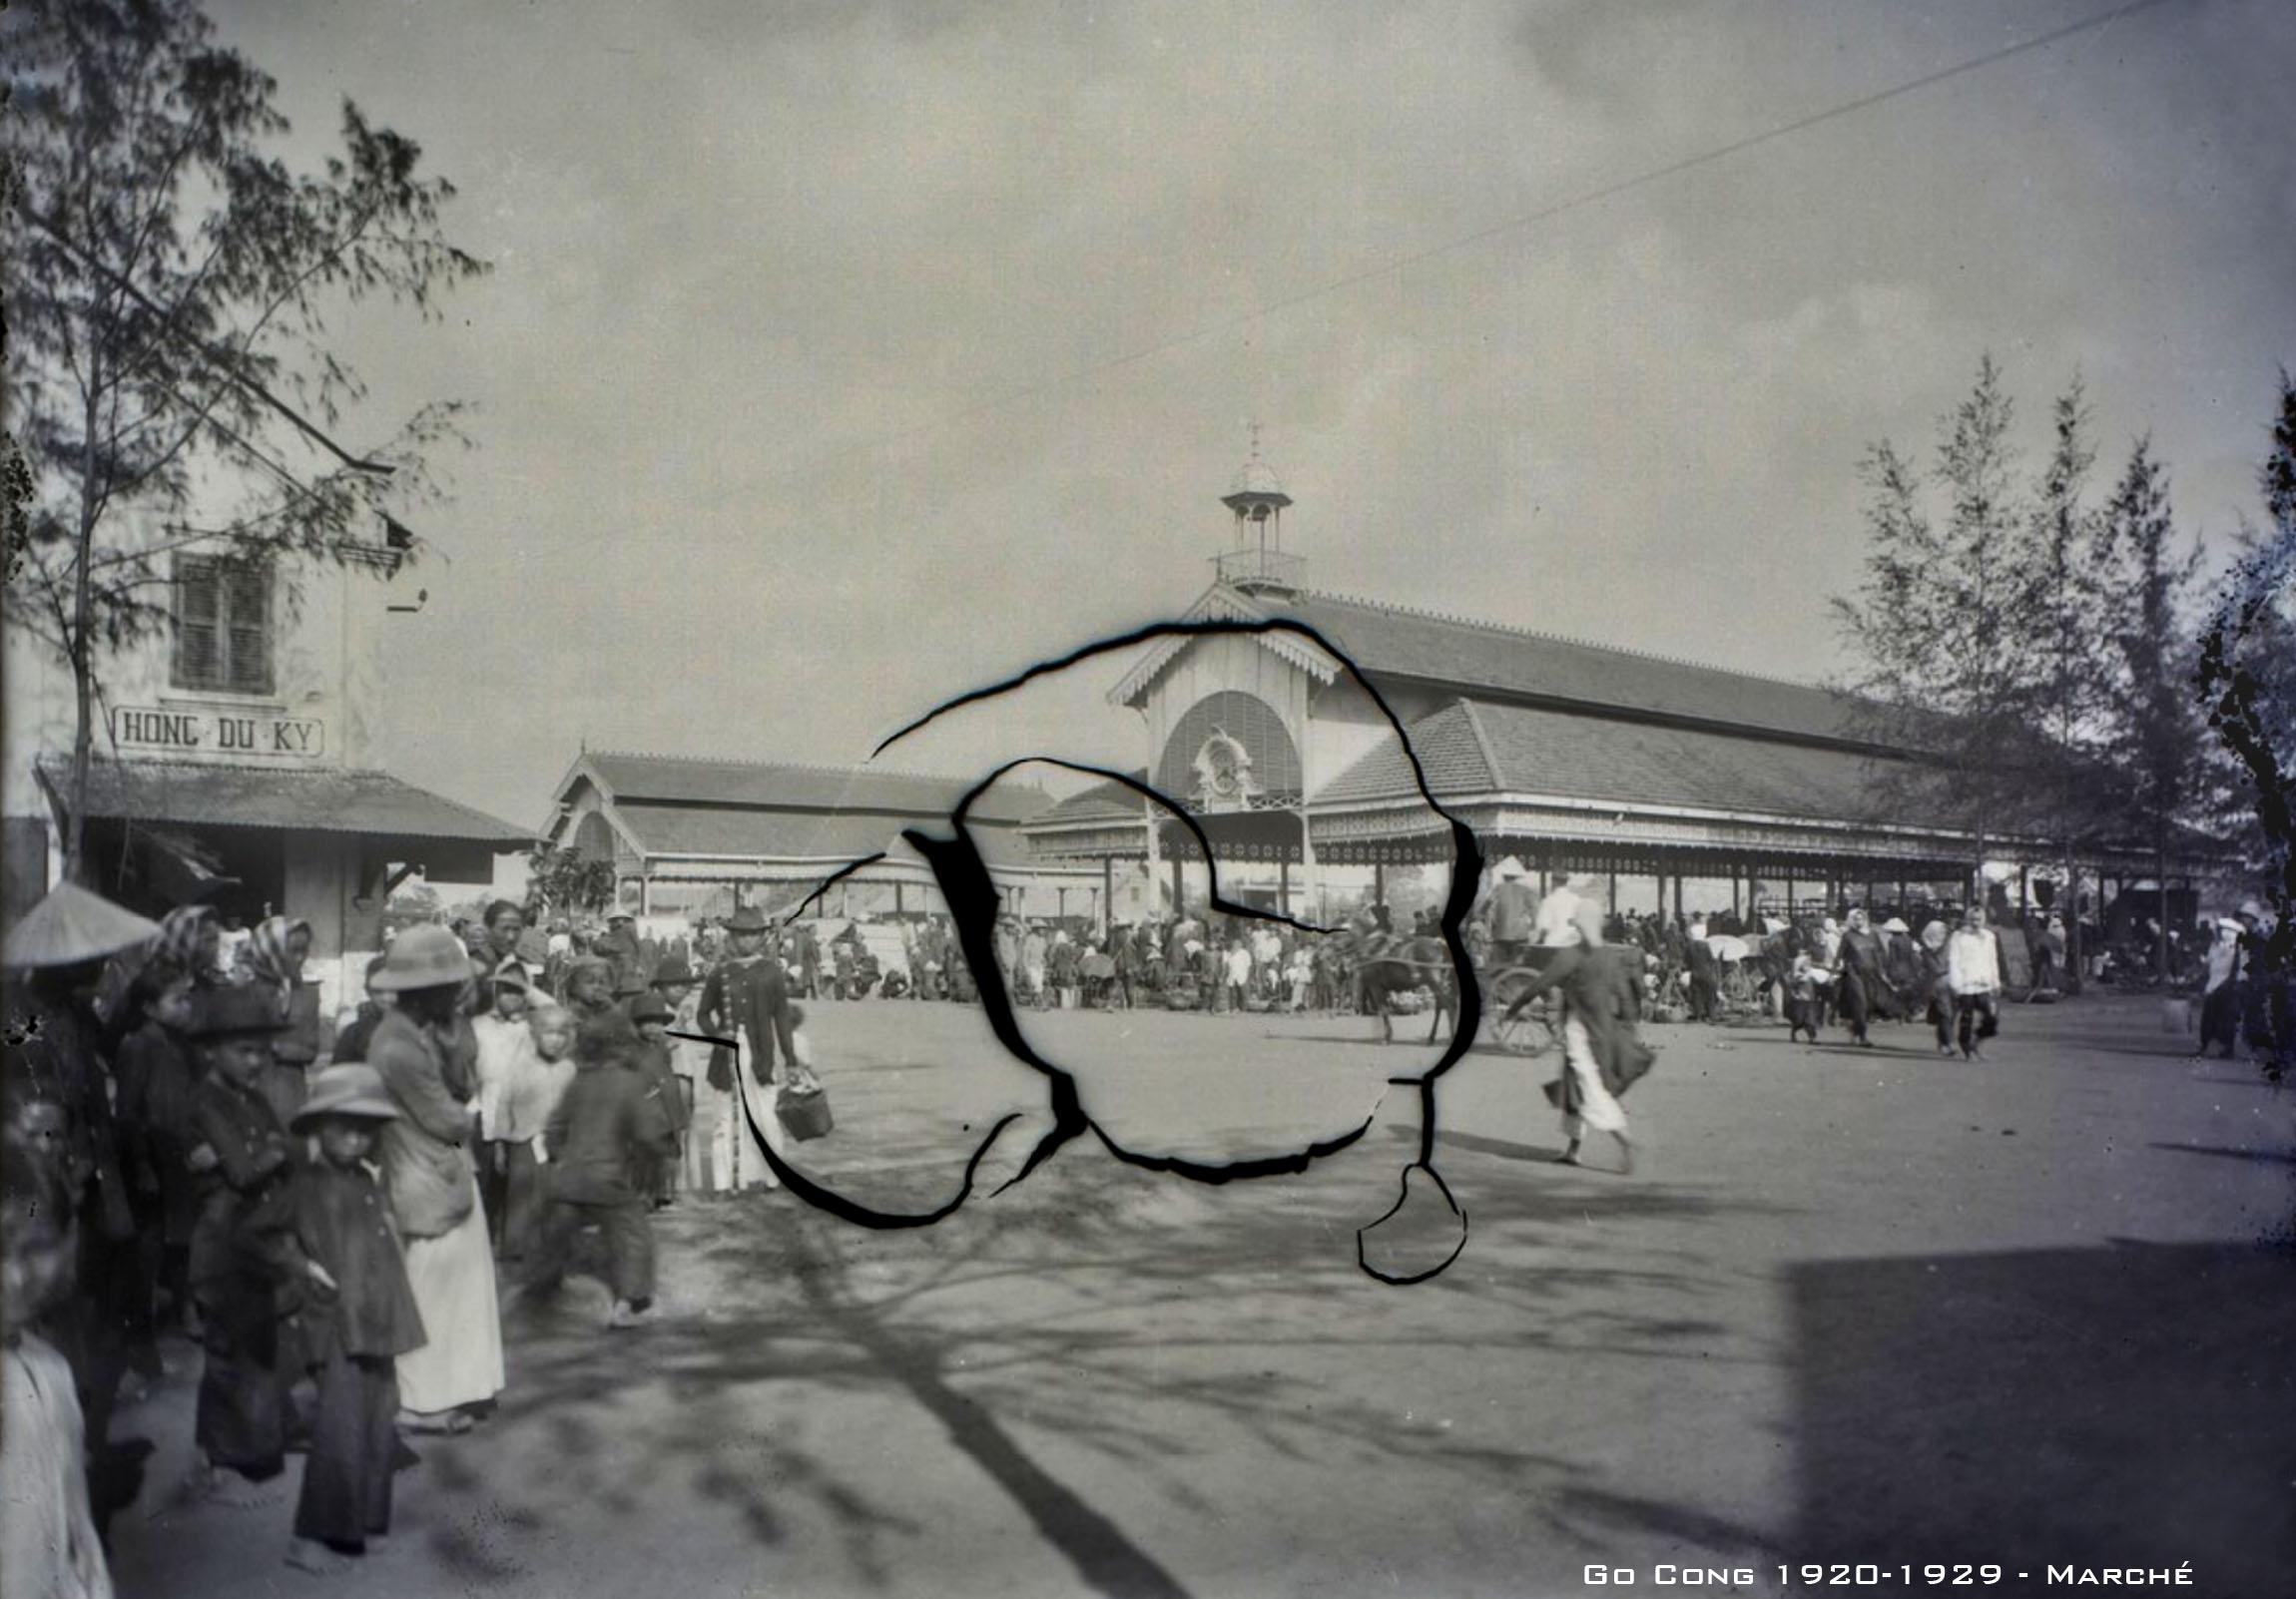 Hình ảnh hiếm về mảnh đất Gò Công thập niên 1920